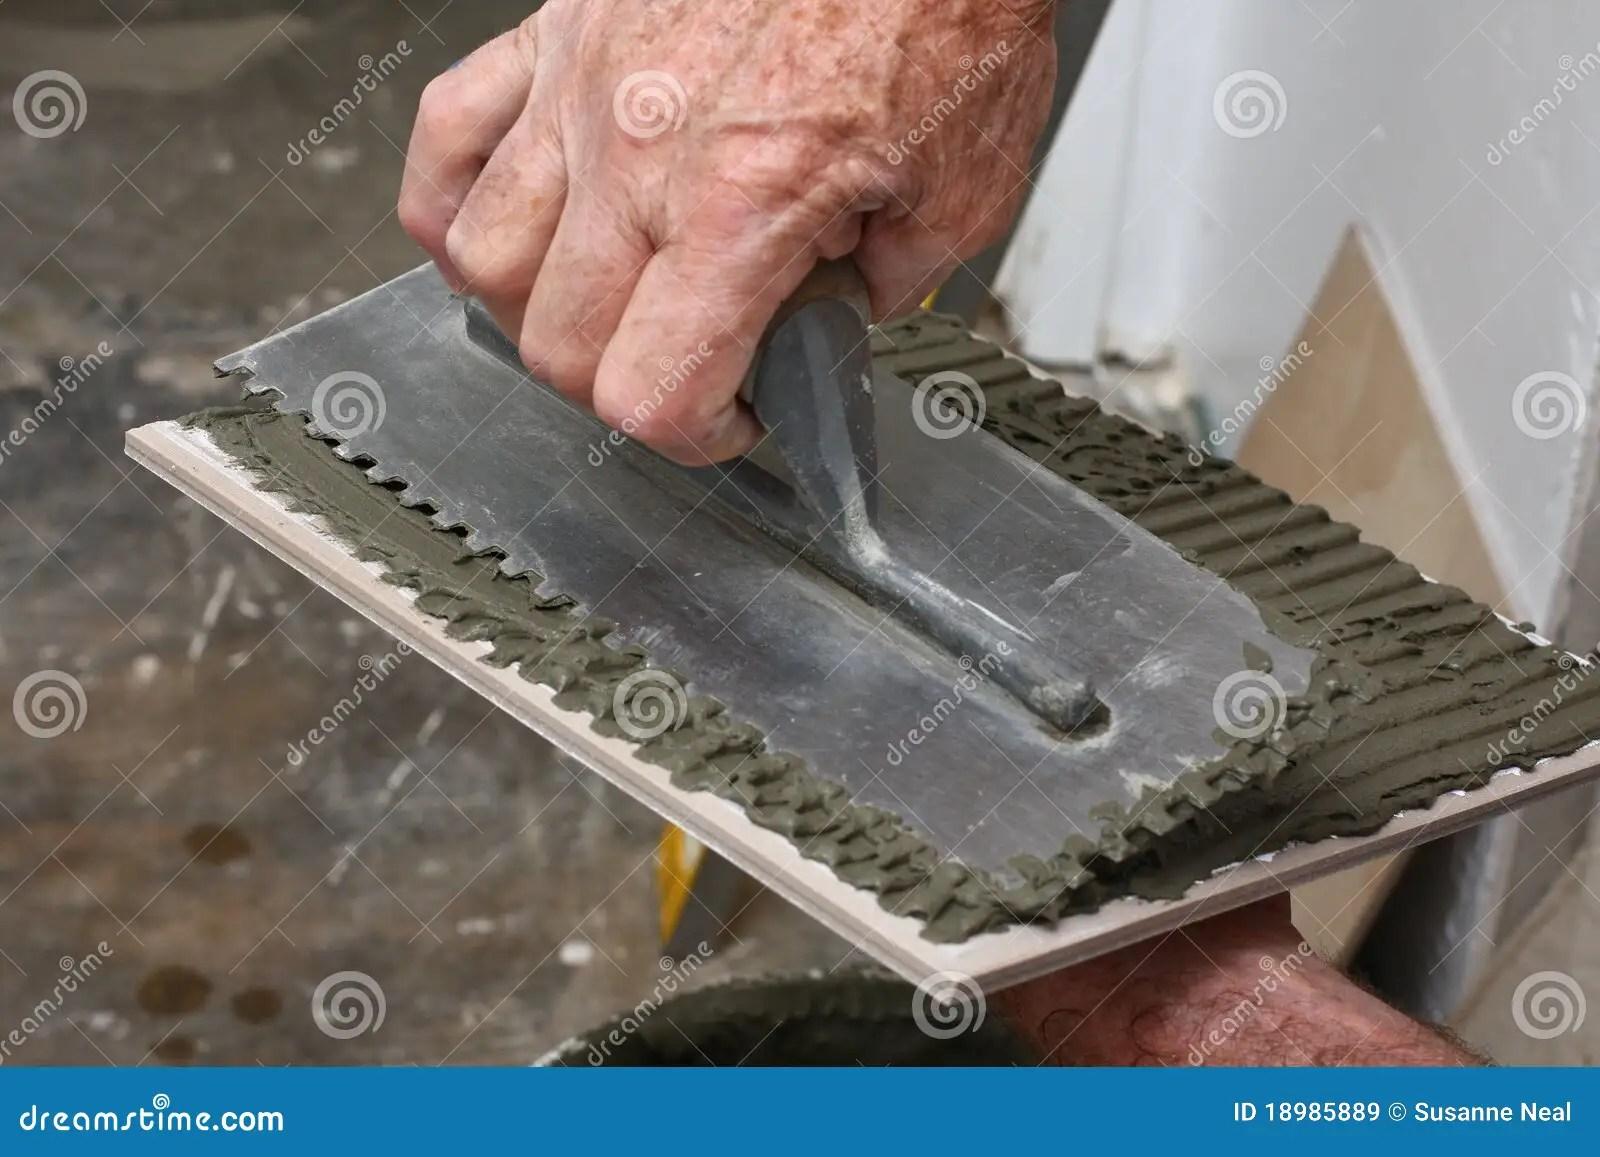 Ceramic Tile: Ceramic Tile Mortar